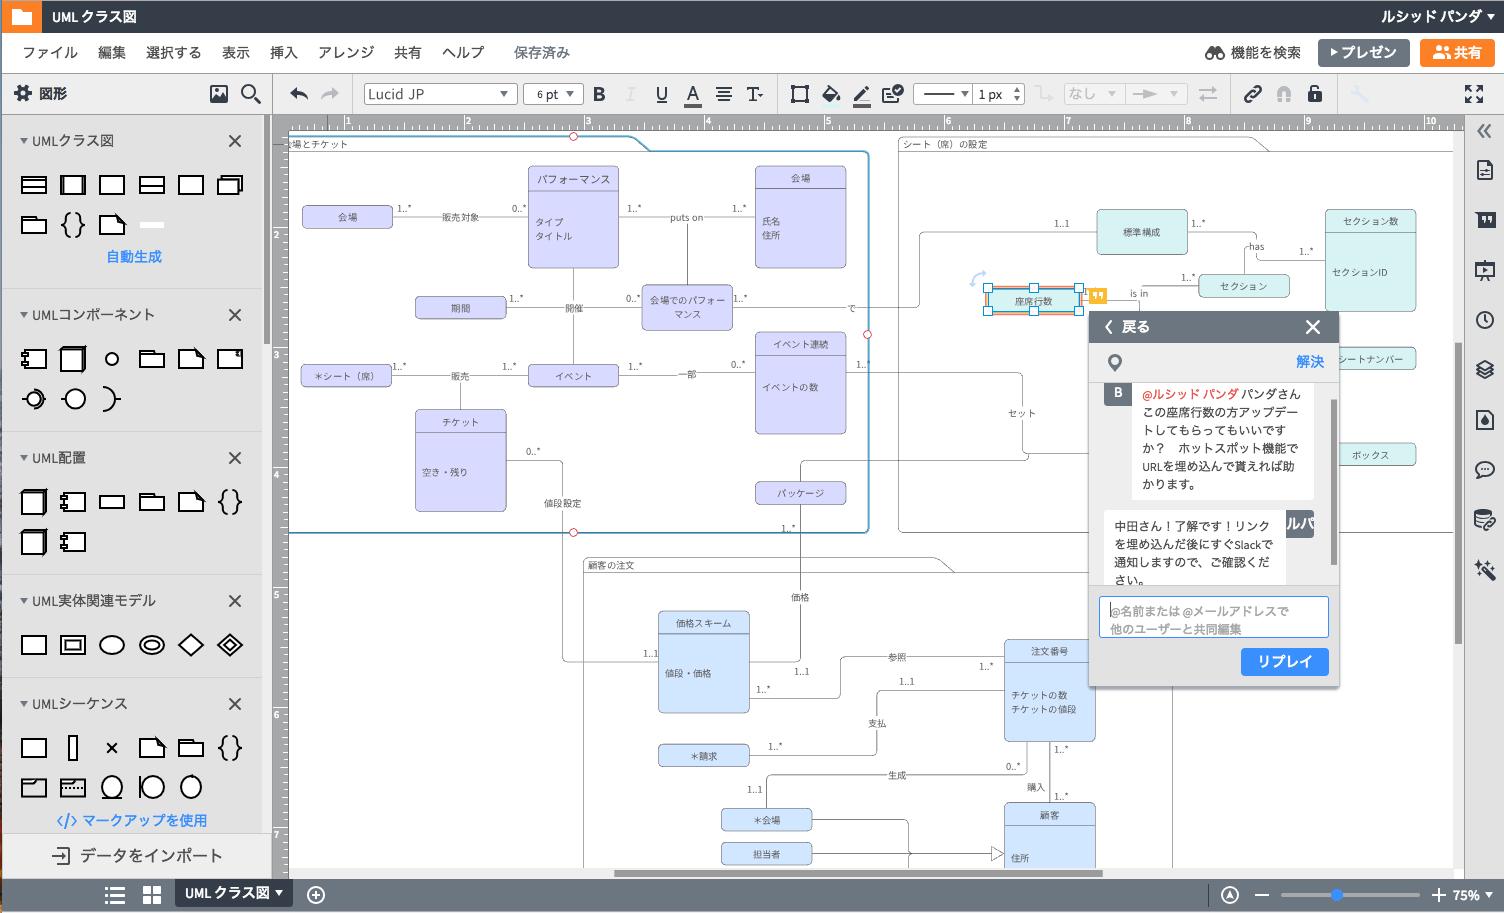 コラボレーションを実現する UML 図ツール